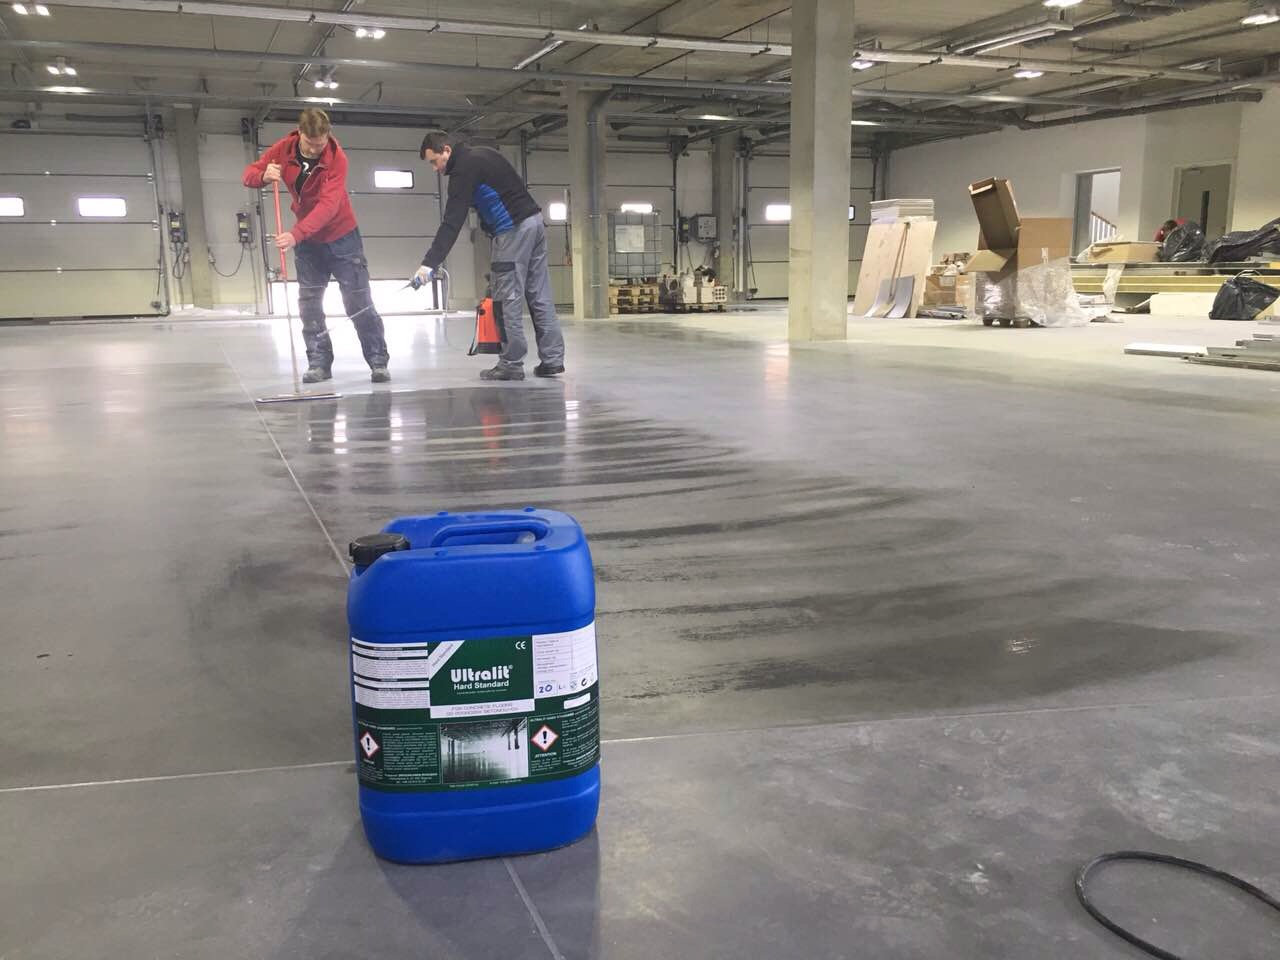 Литиевый упрочнитель для бетона купить приготовление фибробетона